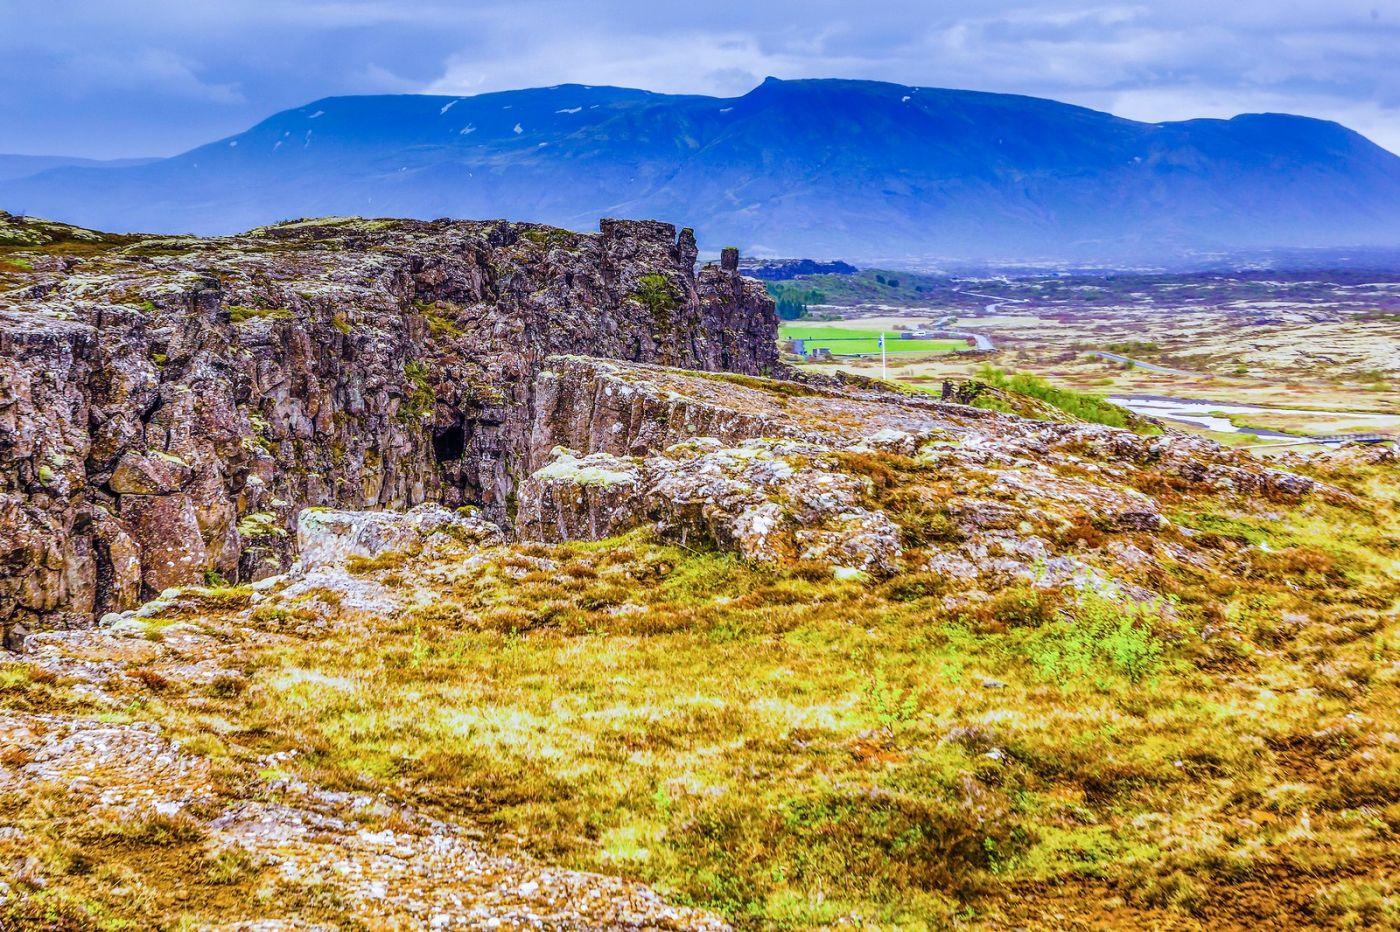 冰岛辛格韦德利国家公园,世界遗产_图1-5